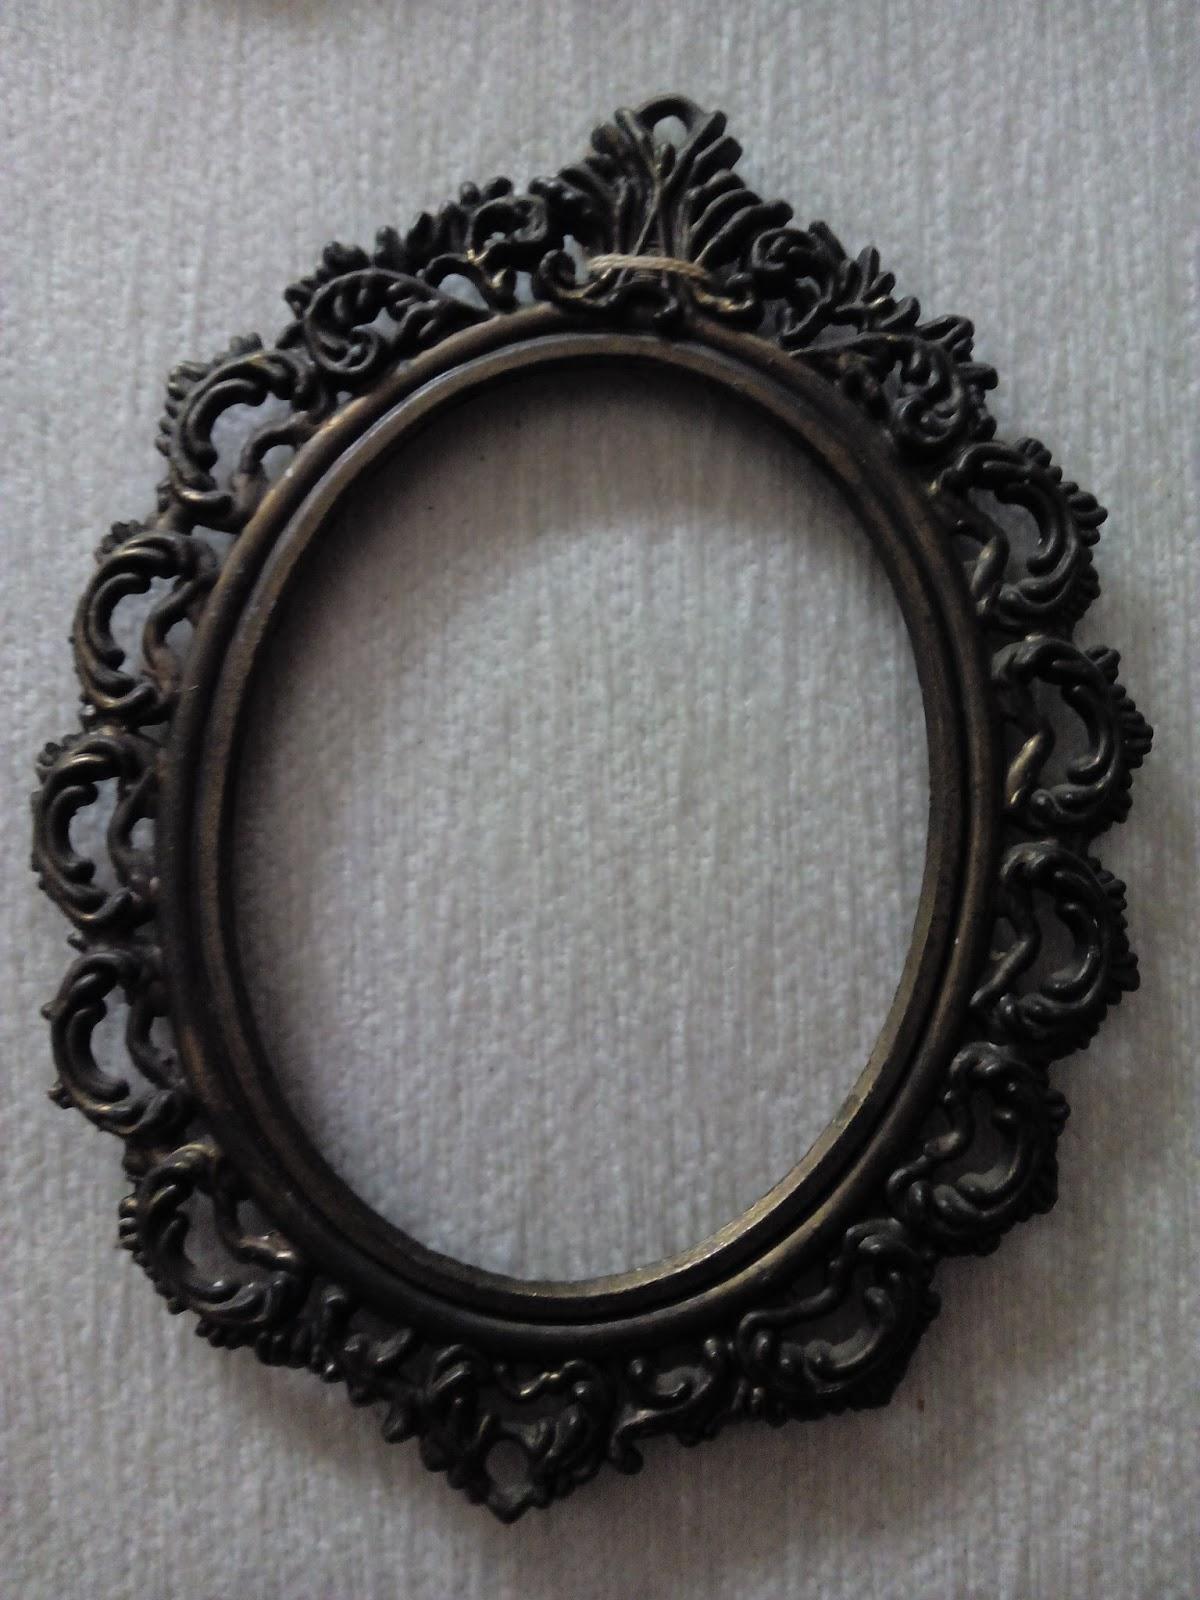 MADERA DE MINDI: Limpieza de marcos antiguos de metal